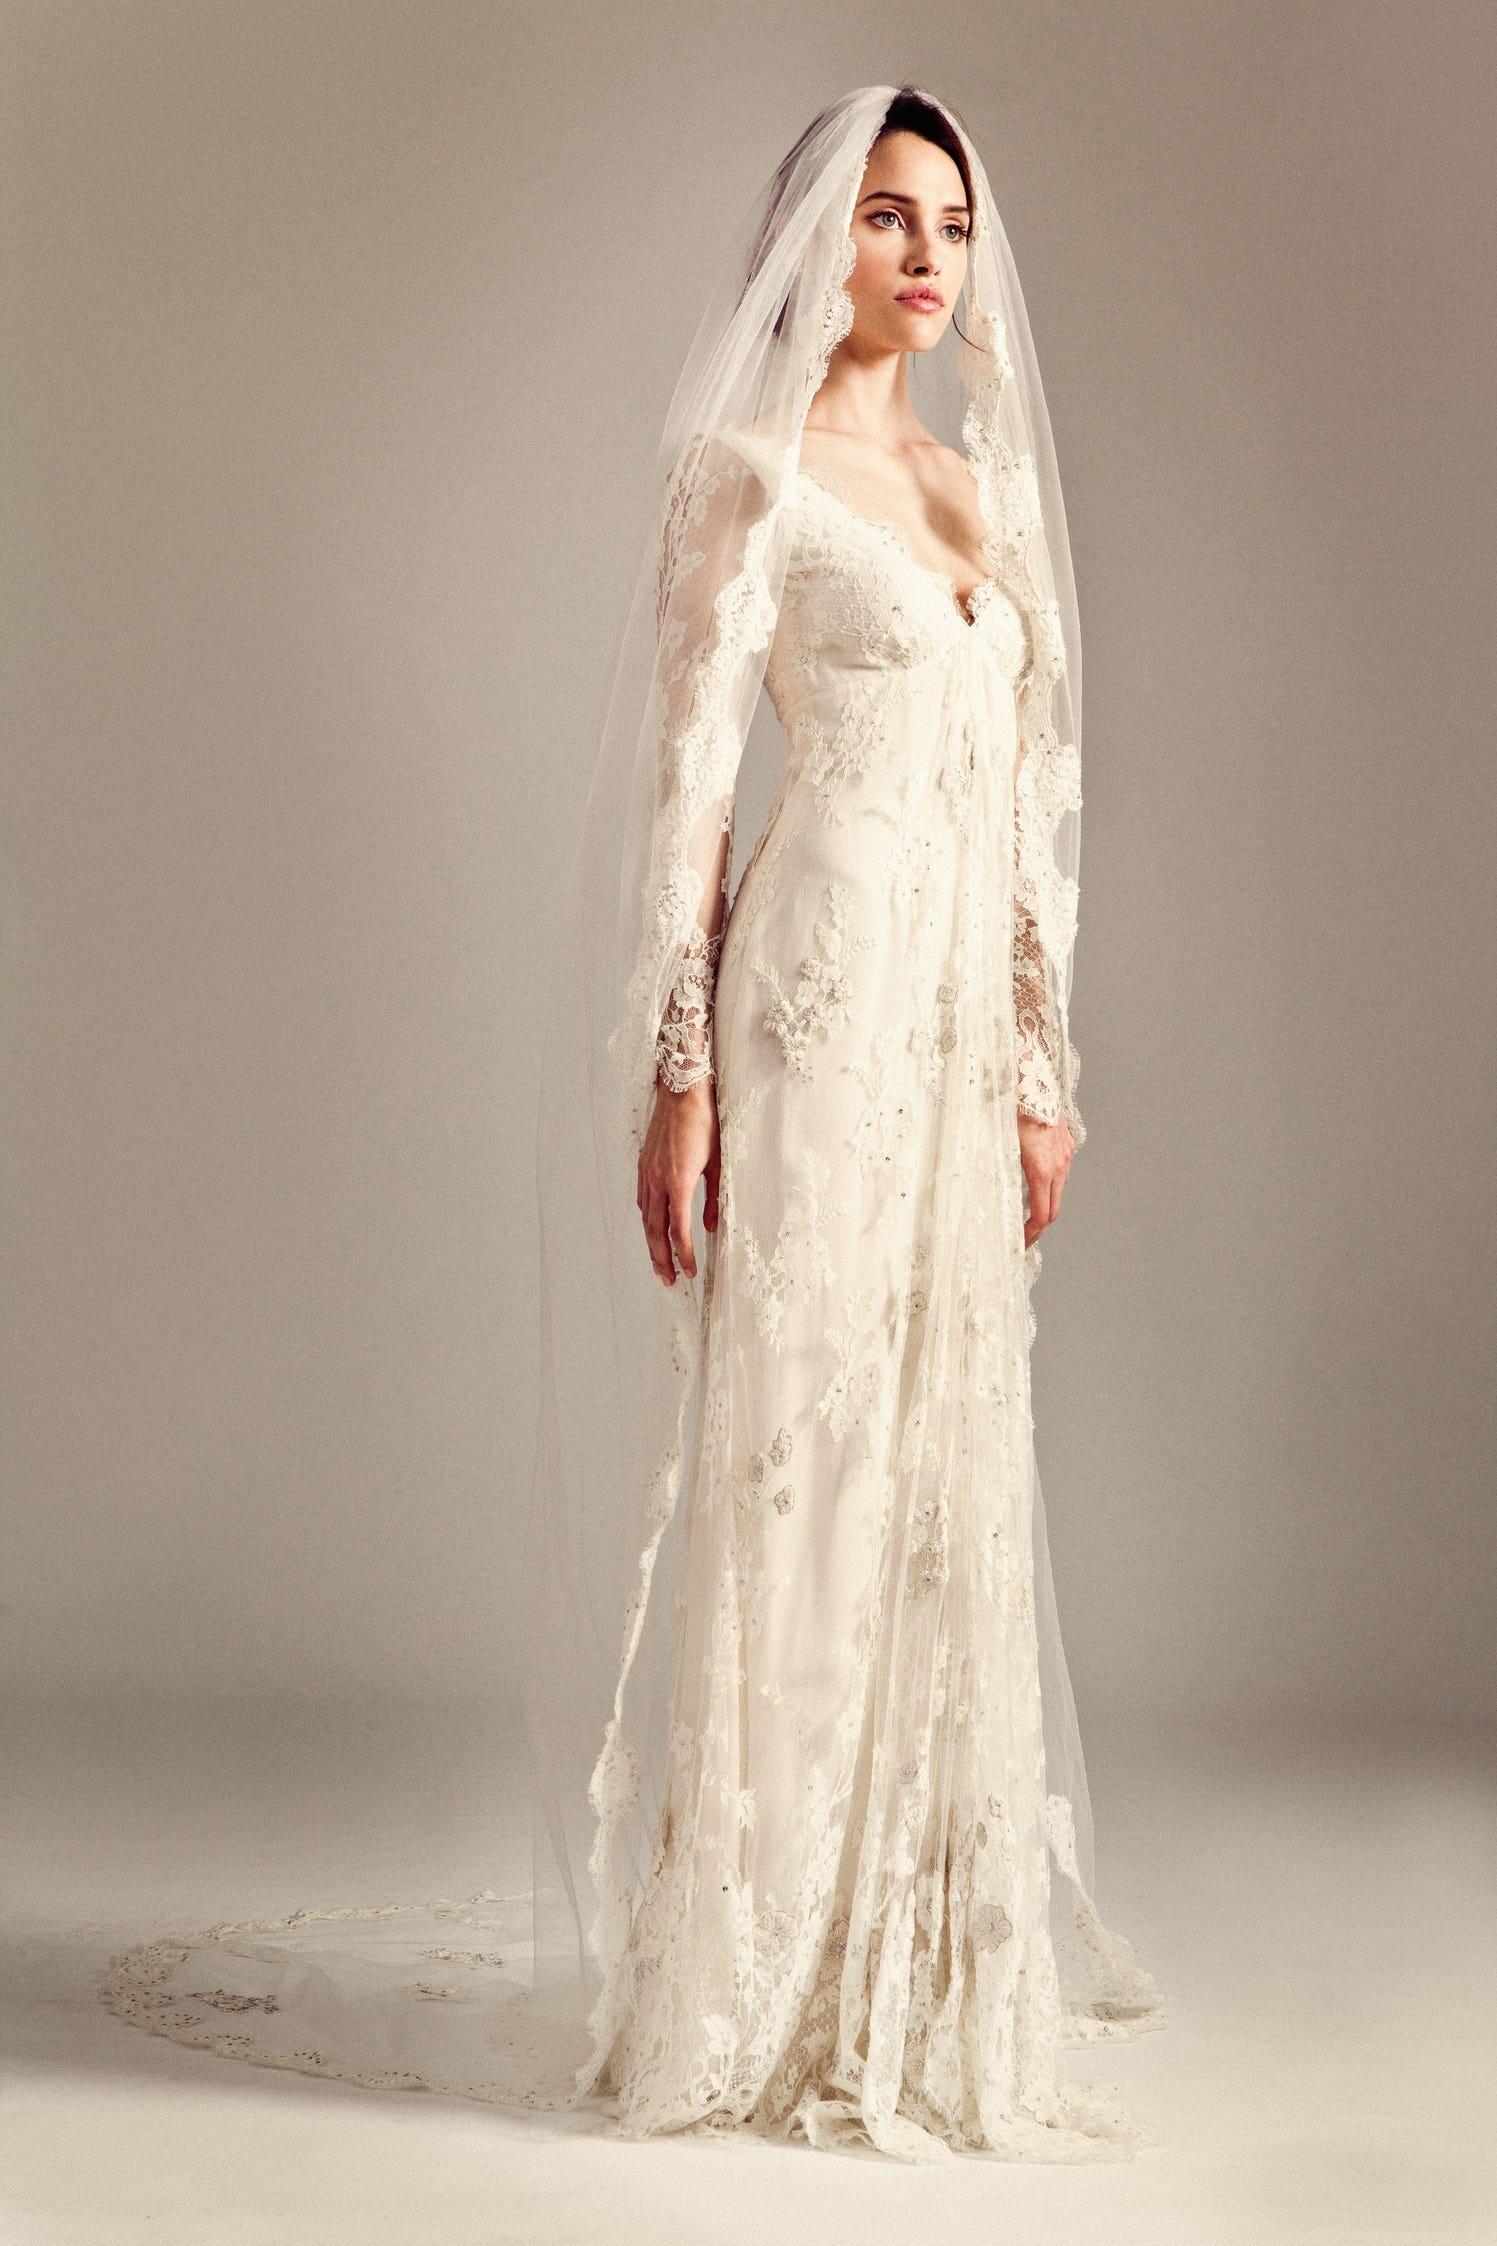 Jessamine Dress